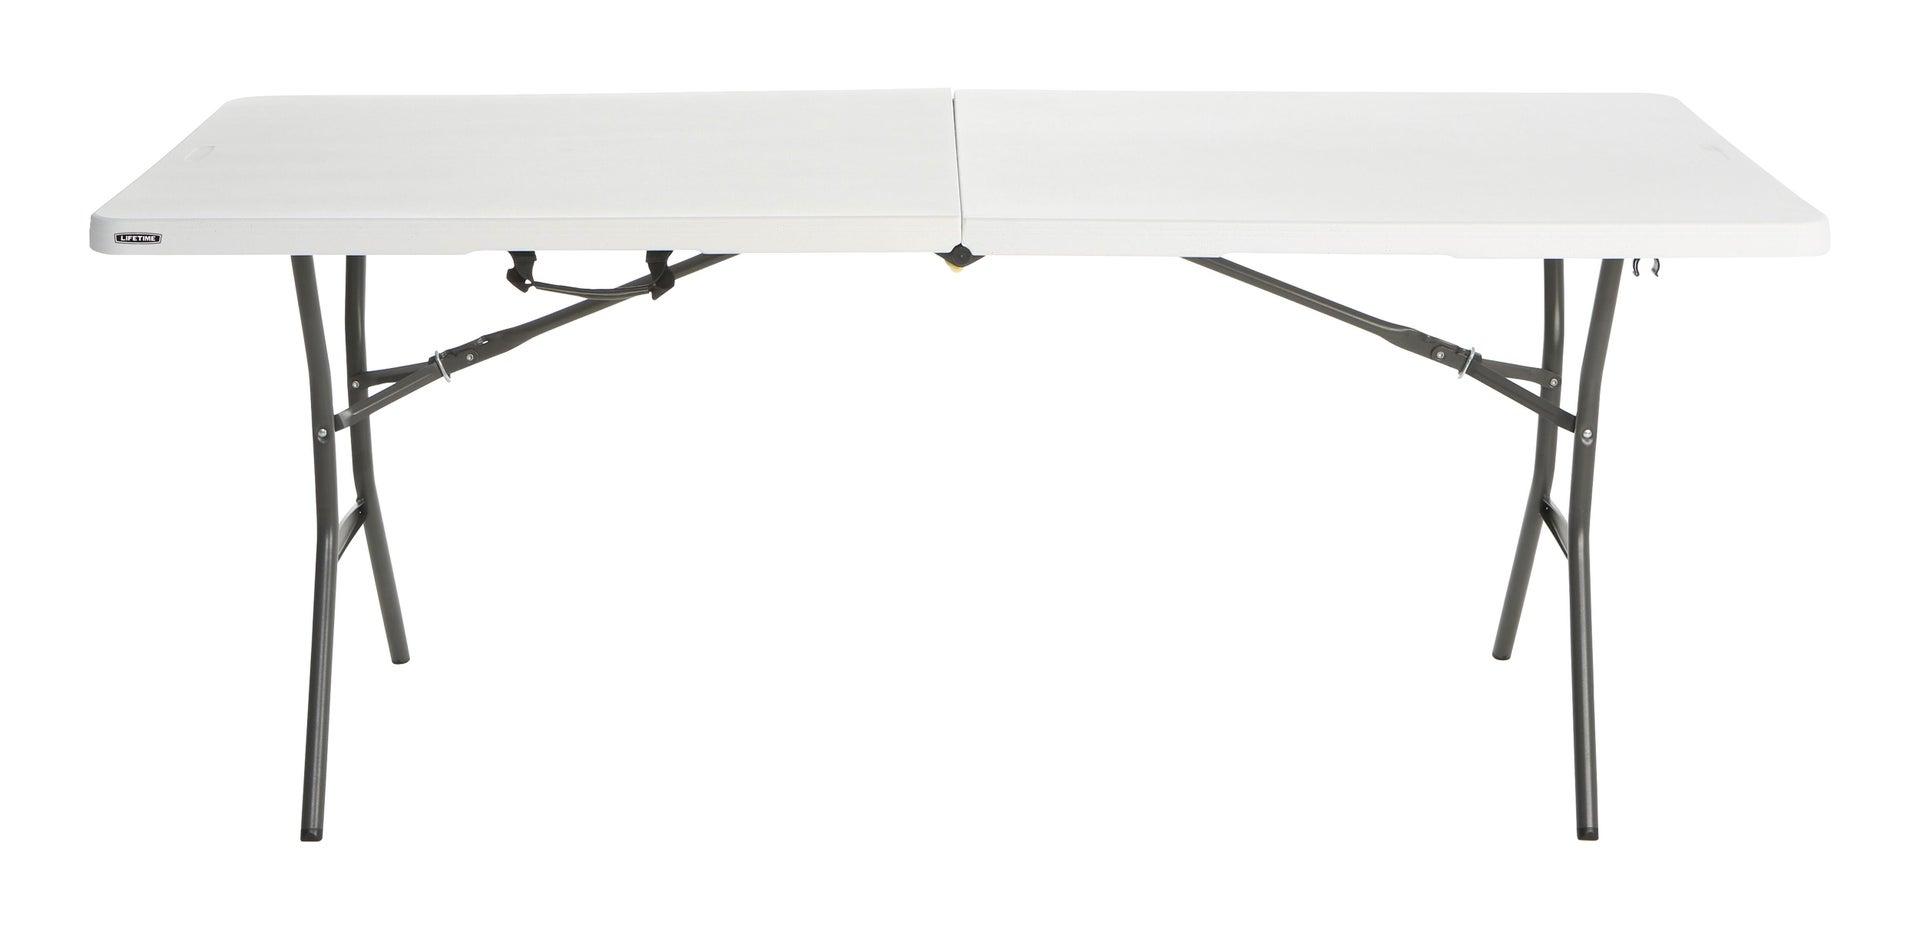 Tavolo da pranzo per giardino rettangolare Lifetime con piano in plastica L 76 x P 183 cm - 5